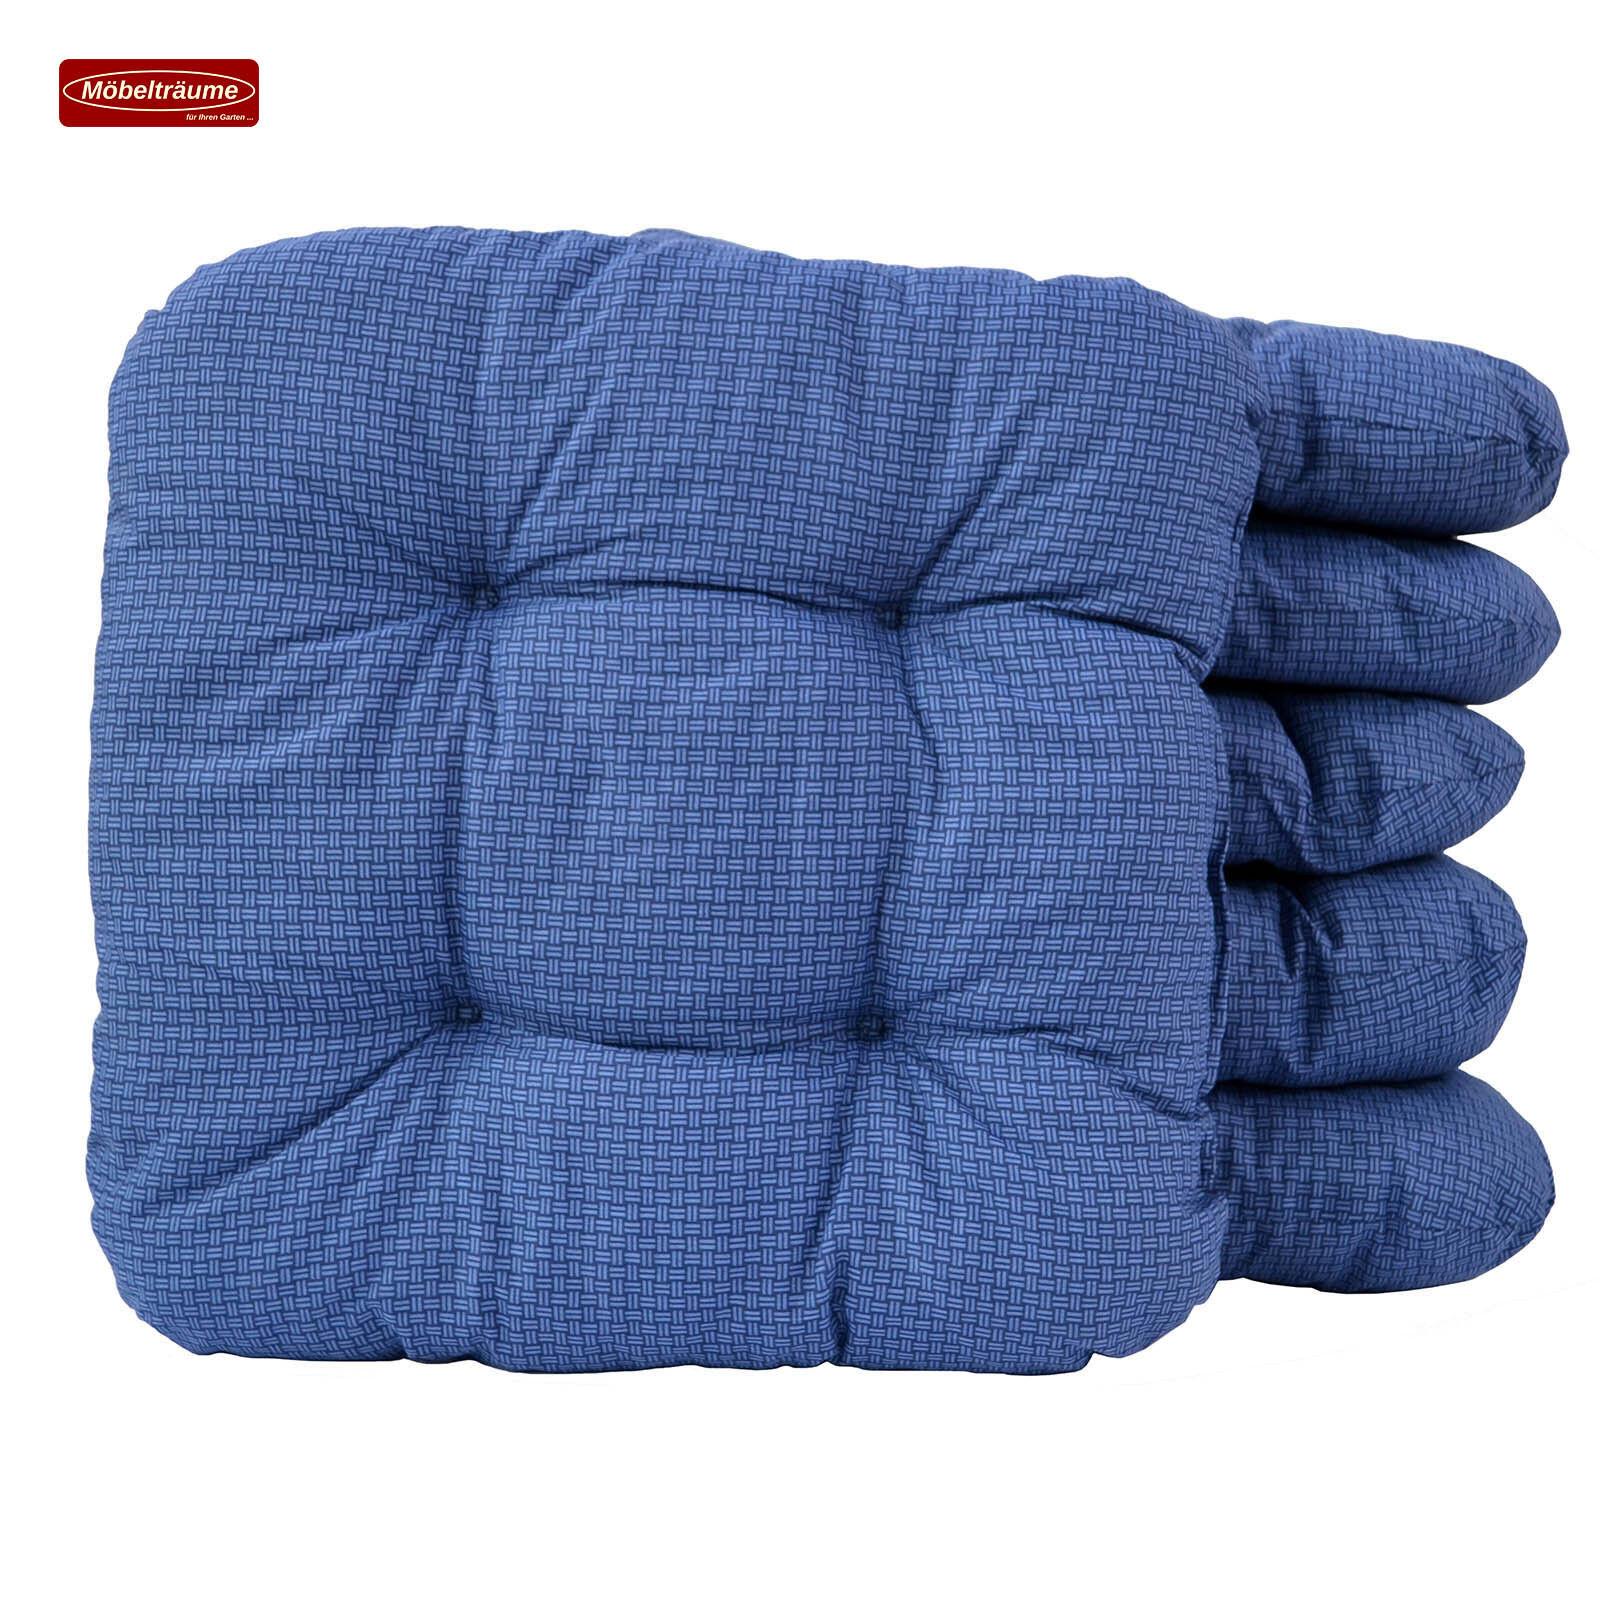 Bis Bis Bis zu 200 Sitzkissen blau kariert 38 x 38 x 8 cm Kissen Stuhlkissen 50237-100 da9b99